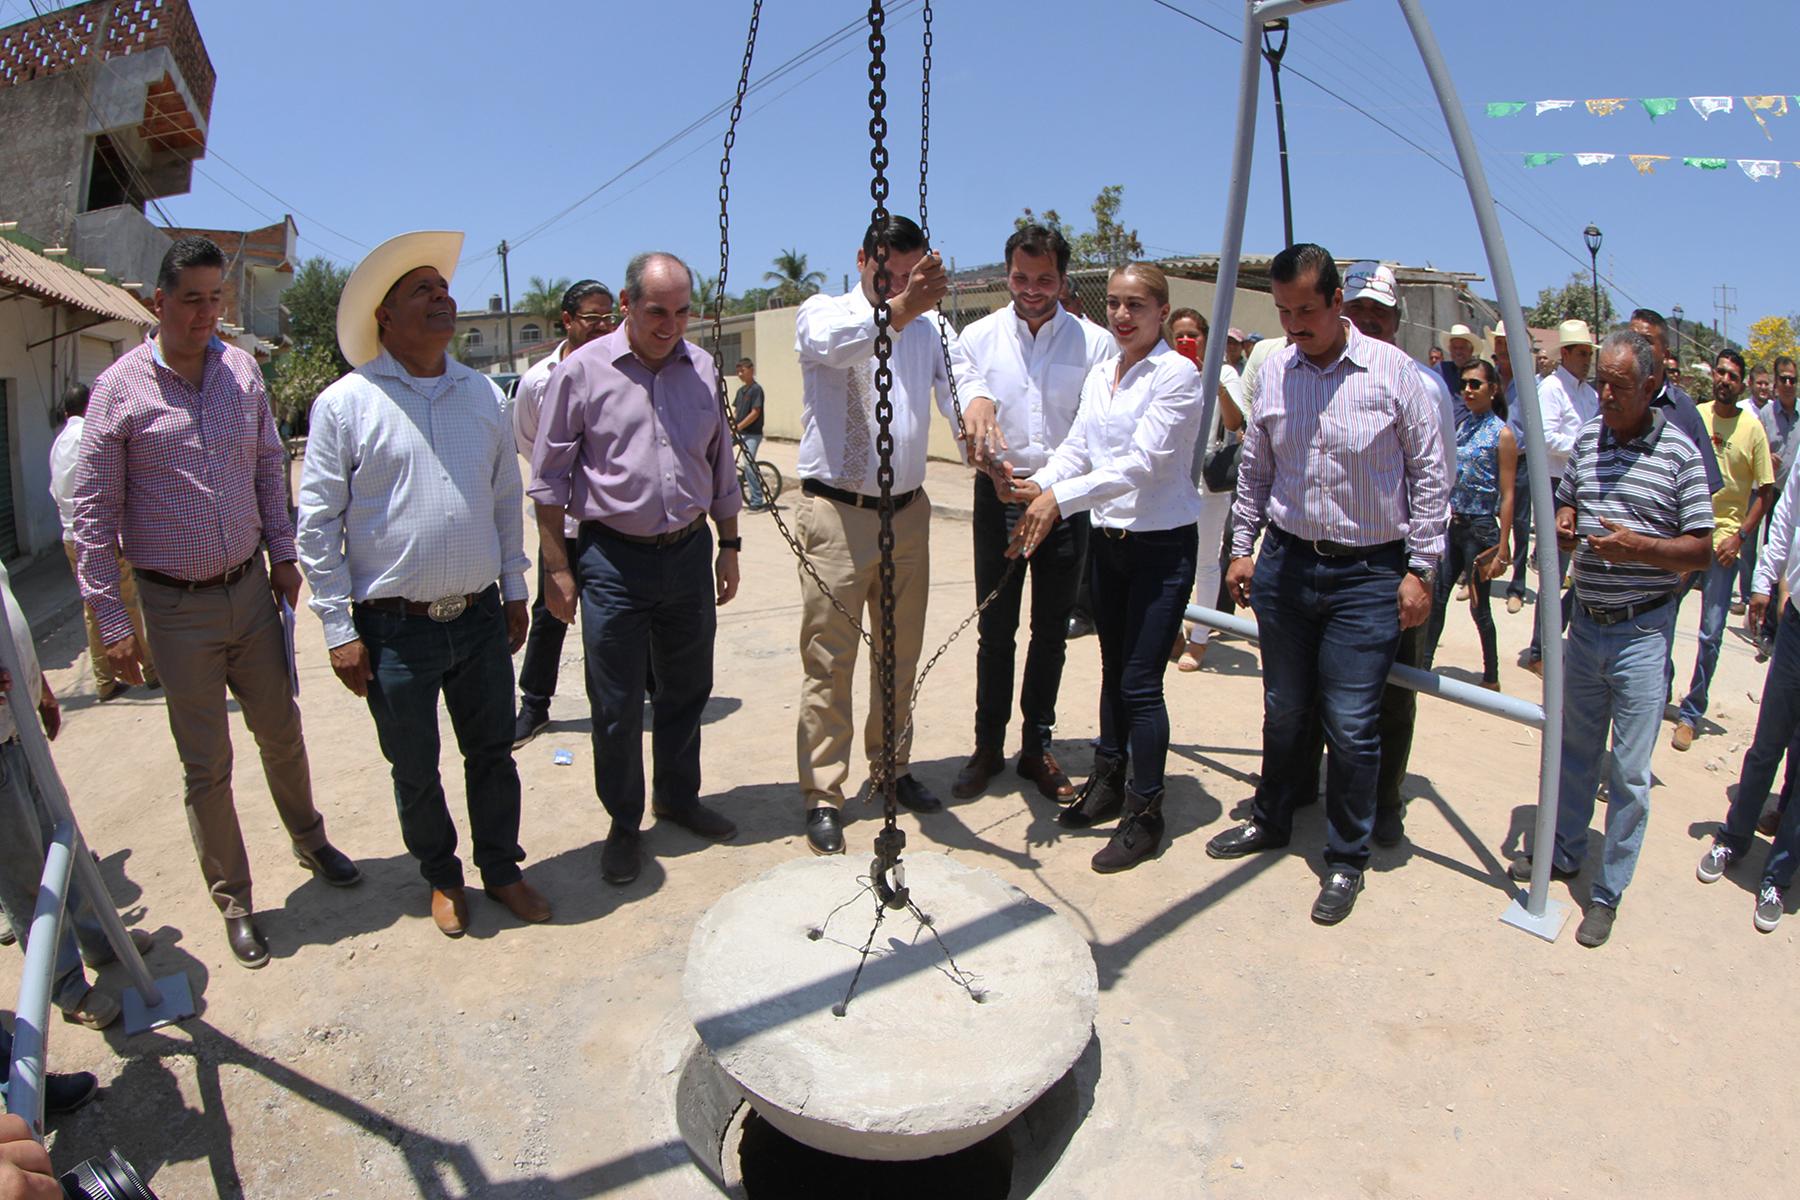 La red de alcantarillado construida en Campostela permite que la cobertura llegue a 100 por ciento y que mil personas más tengan acceso a este servicio, con lo que se mejoran sus condiciones ambientales y sanitarias.